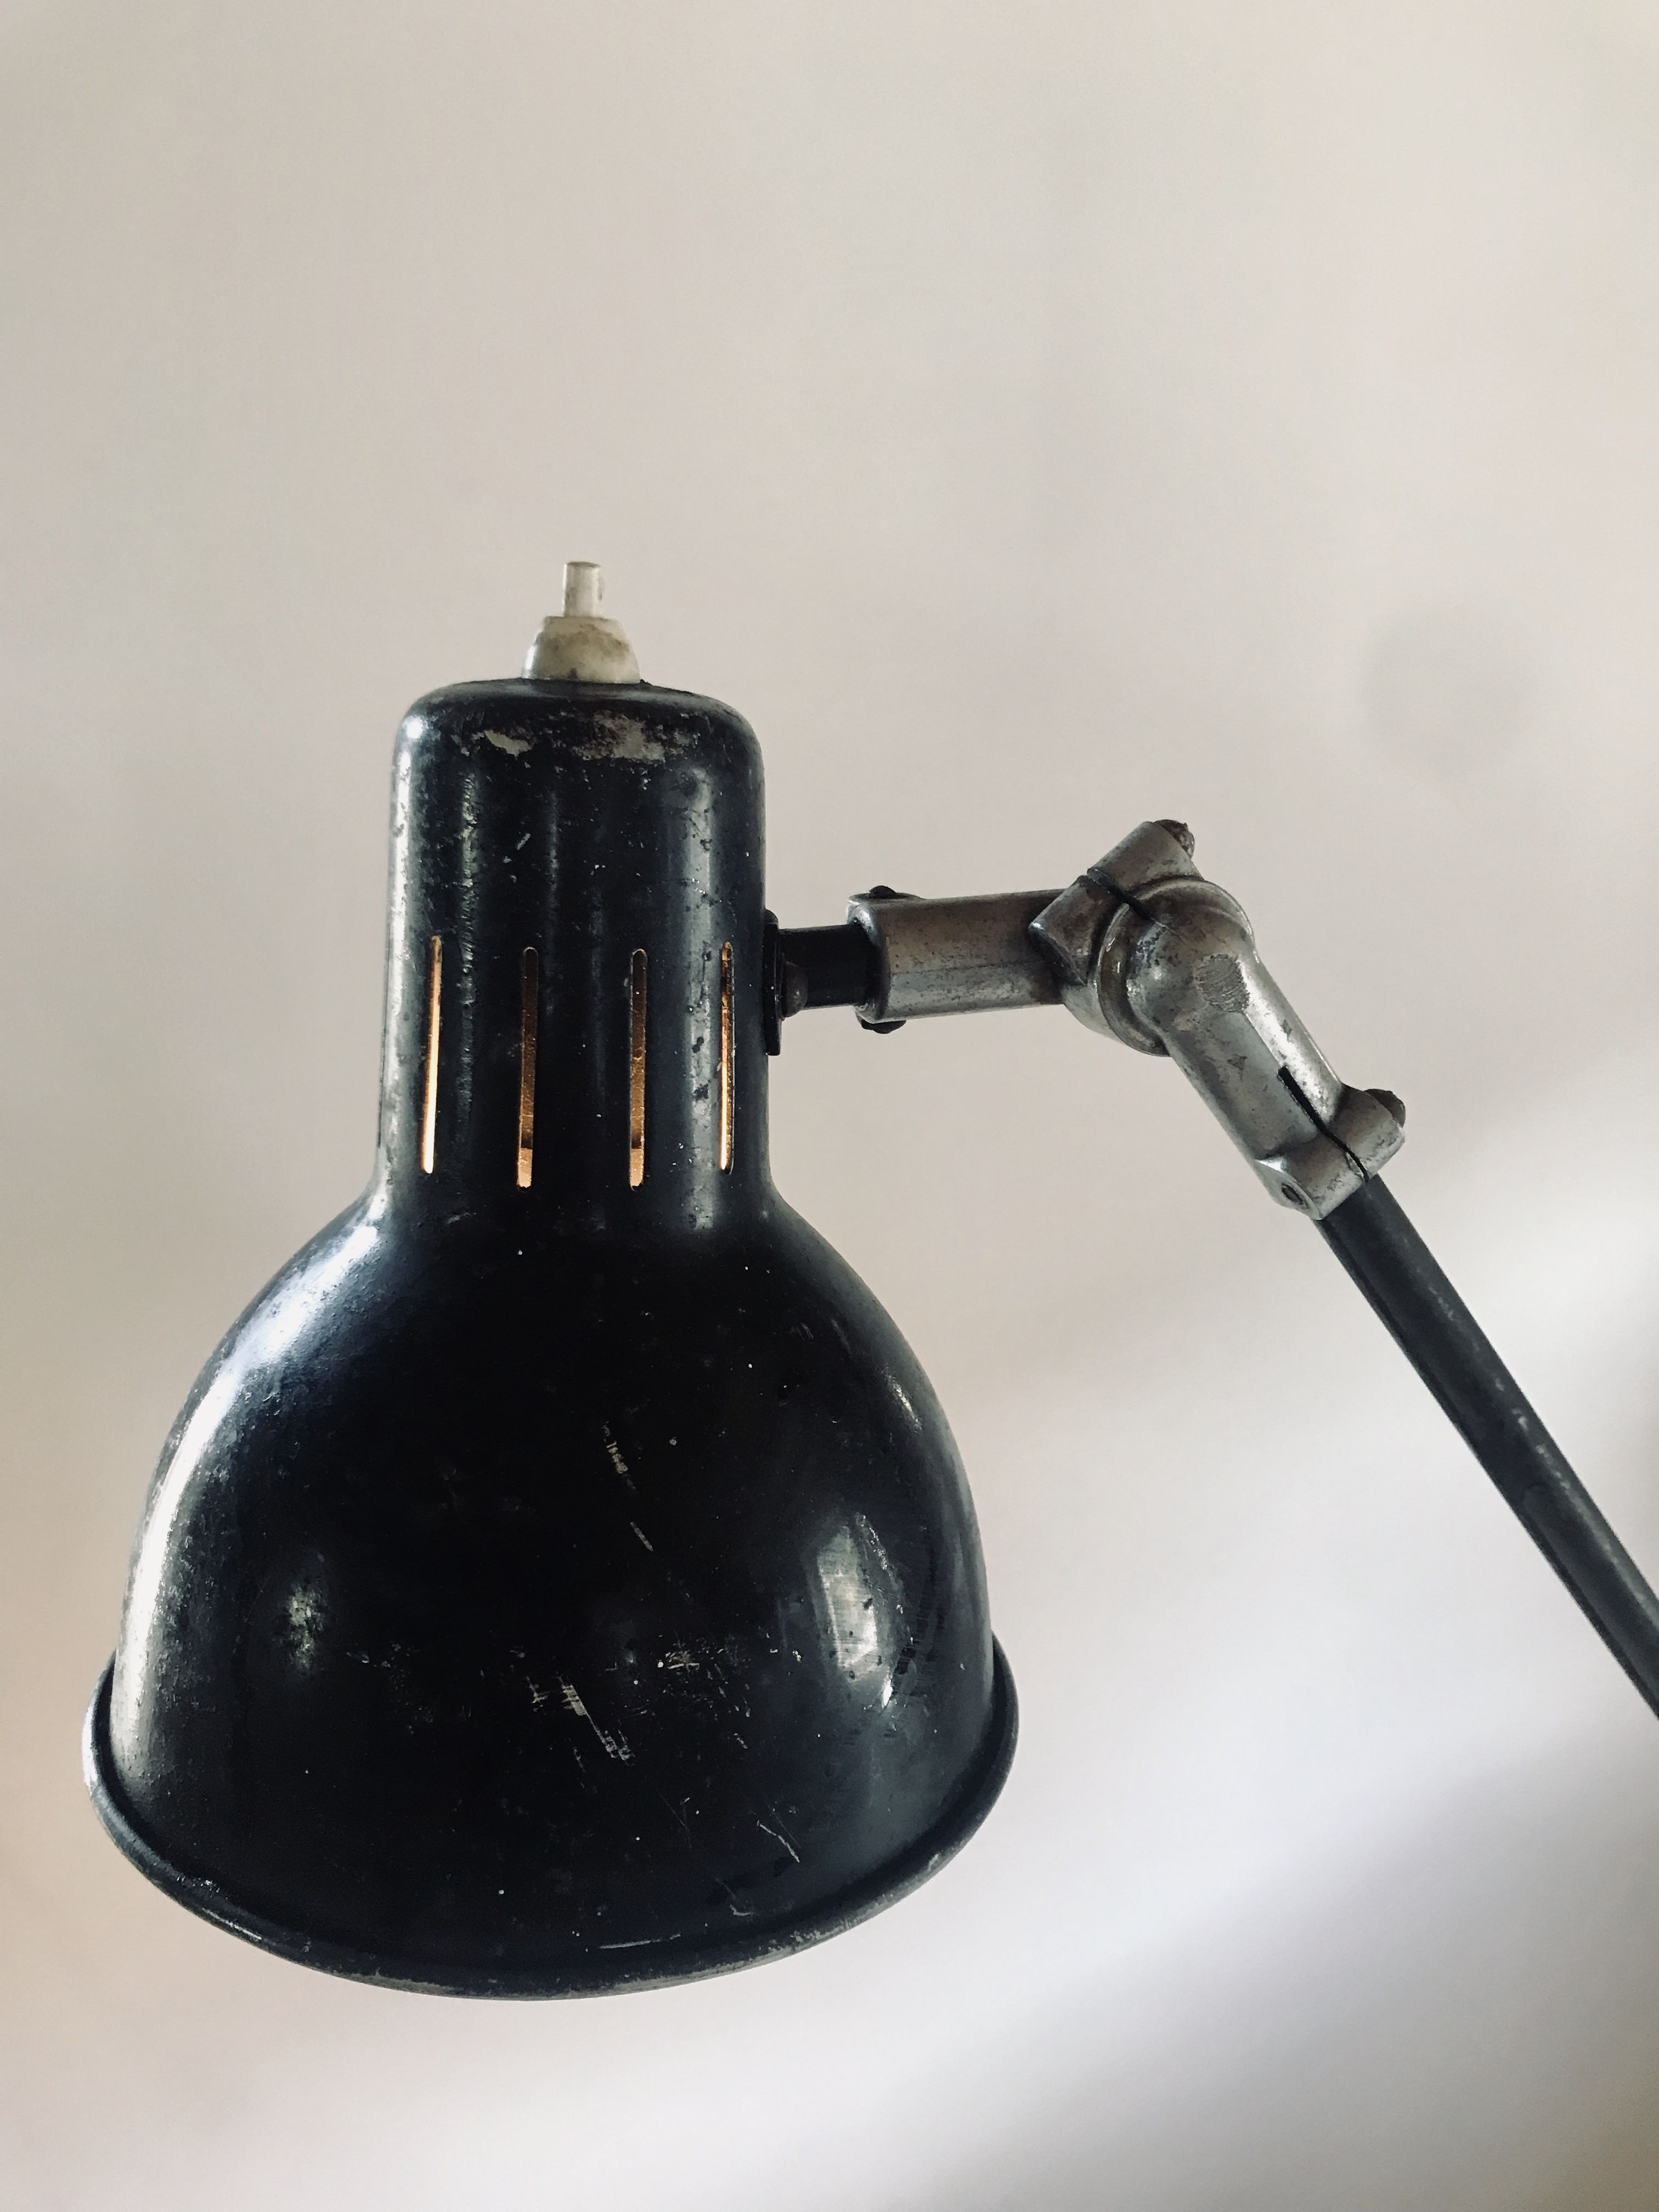 Superbe Lampe D Atelier Ideale Comme Lampe De Bureau Ou Meme Comme Applique Murale Elle A 2 Bras Articules Et 3 Rotules Qui Permette Lampade Lampade Da Tavolo